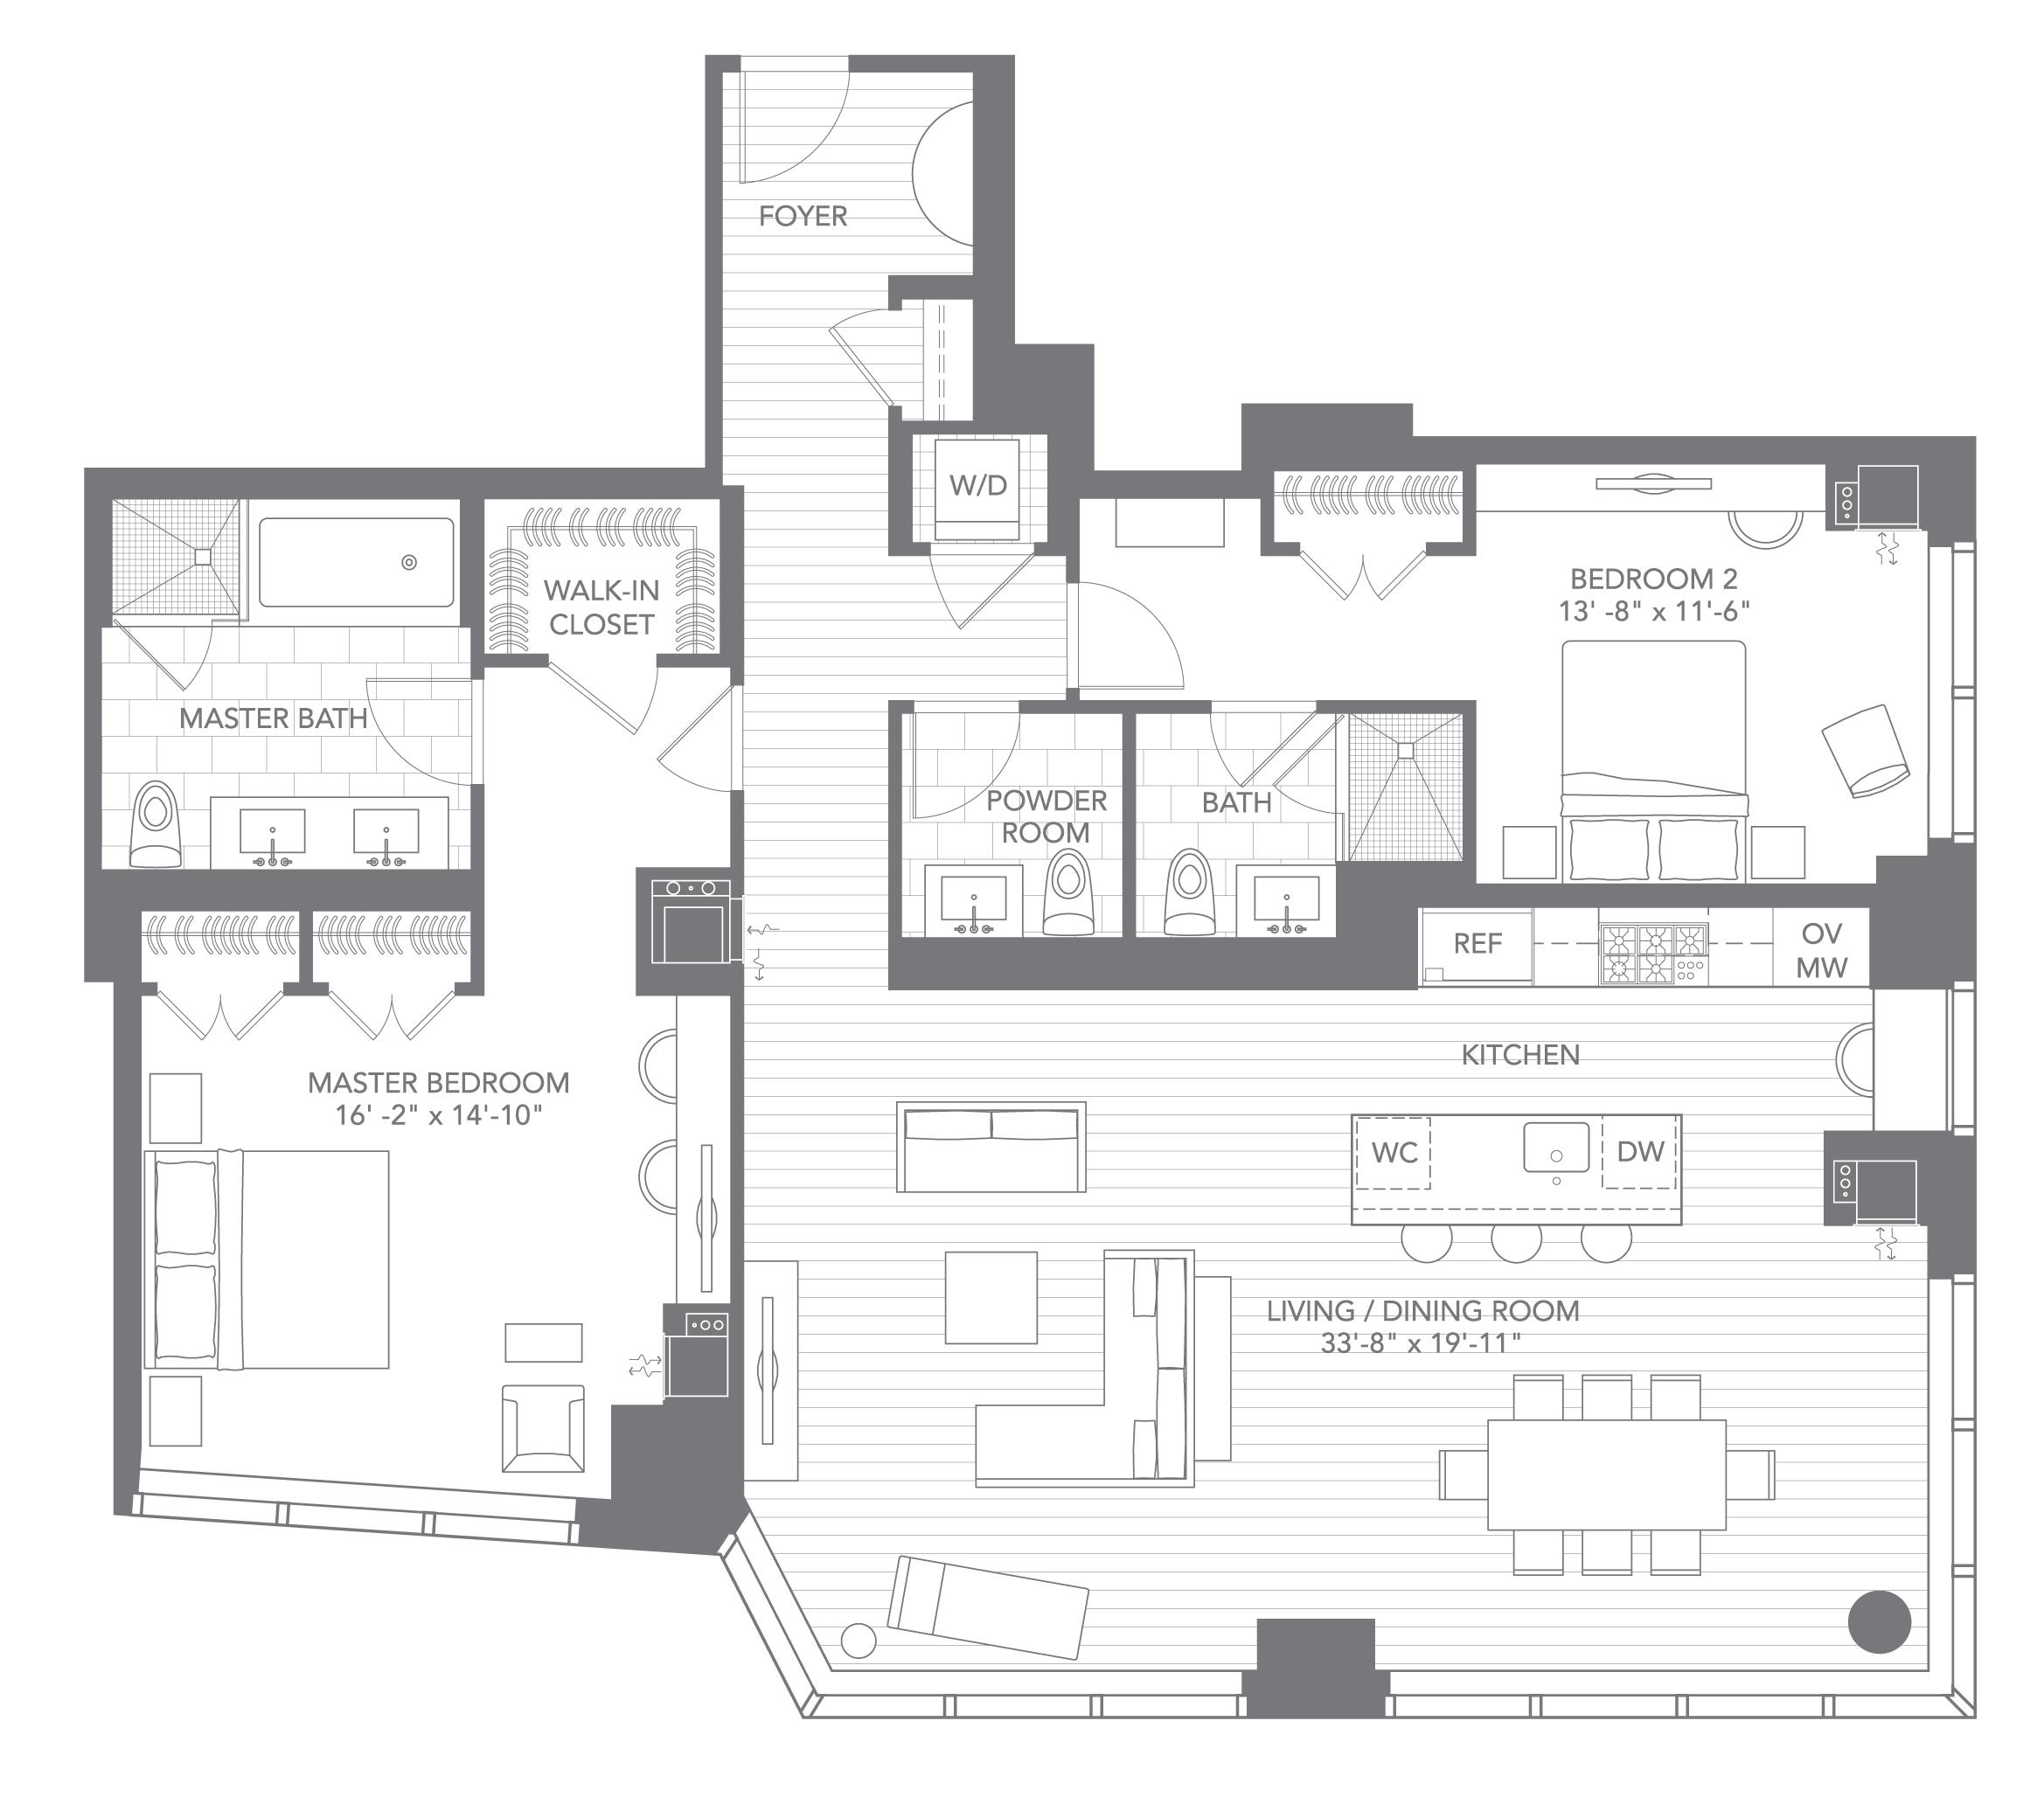 Kitchen Floor Plan 10 By 10 Extravagant Home Design